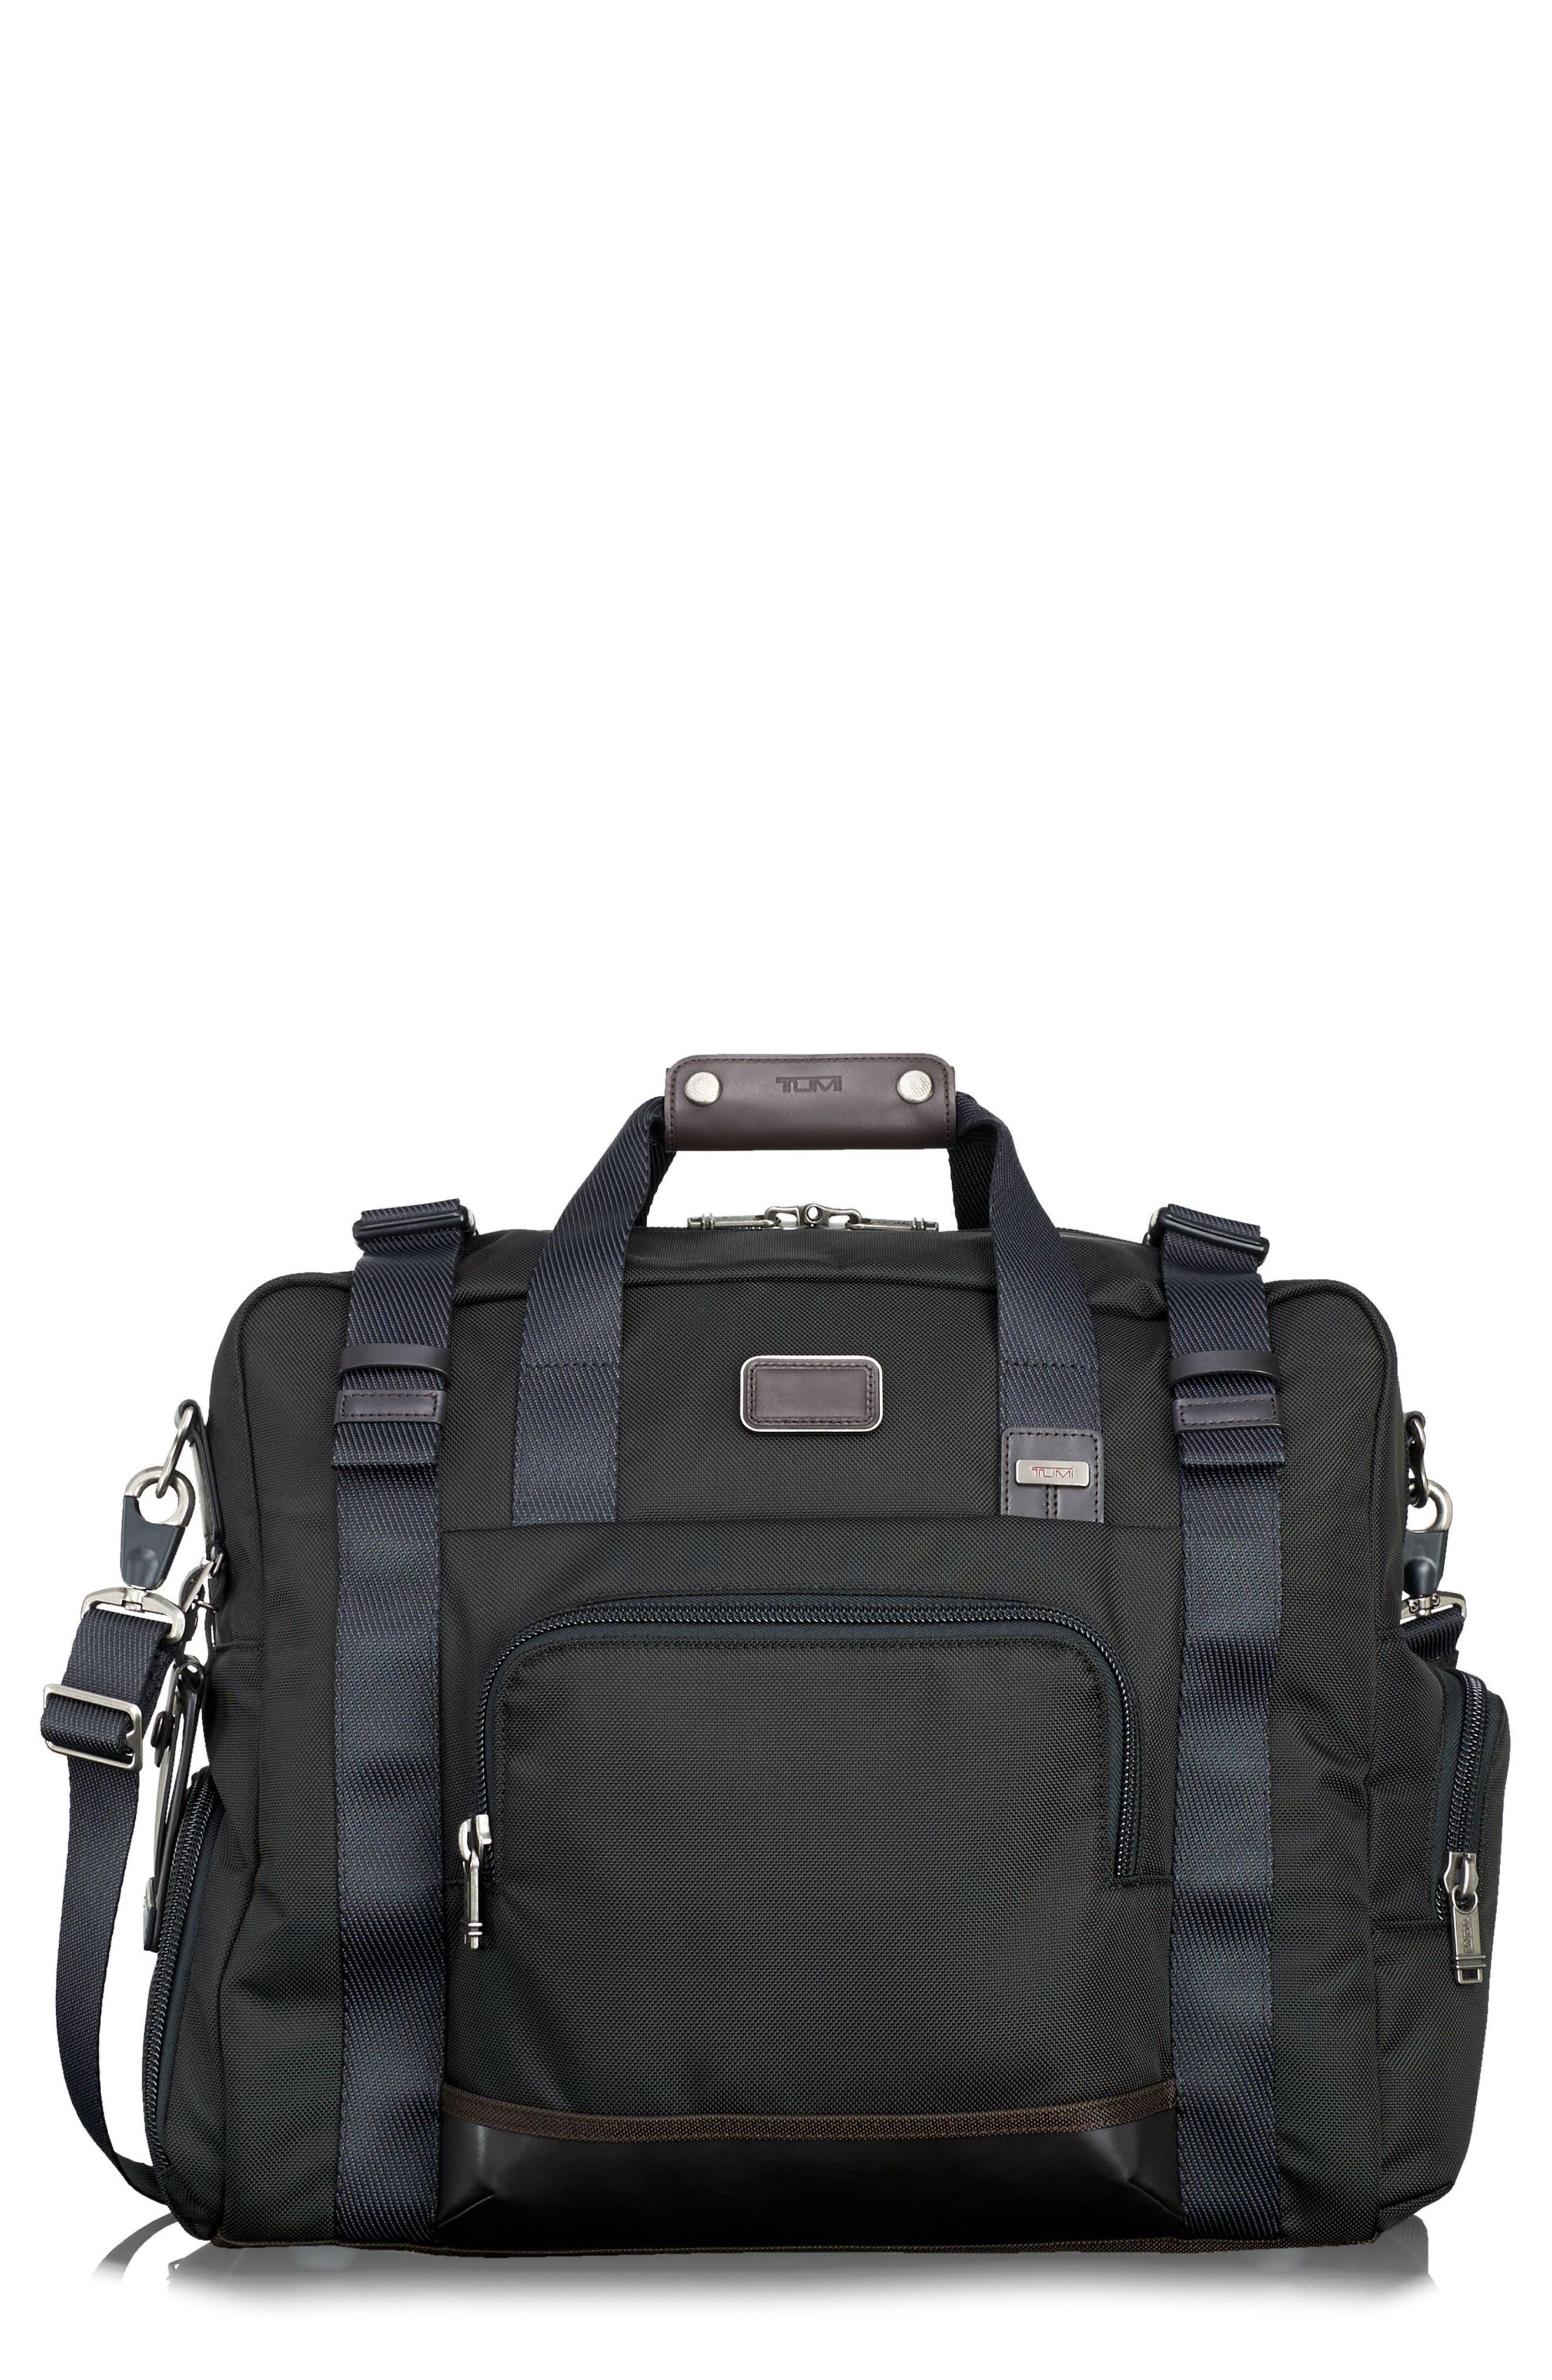 Alpha Bravo Buckner Duffel Bag,                         Main,                         color, Hickory